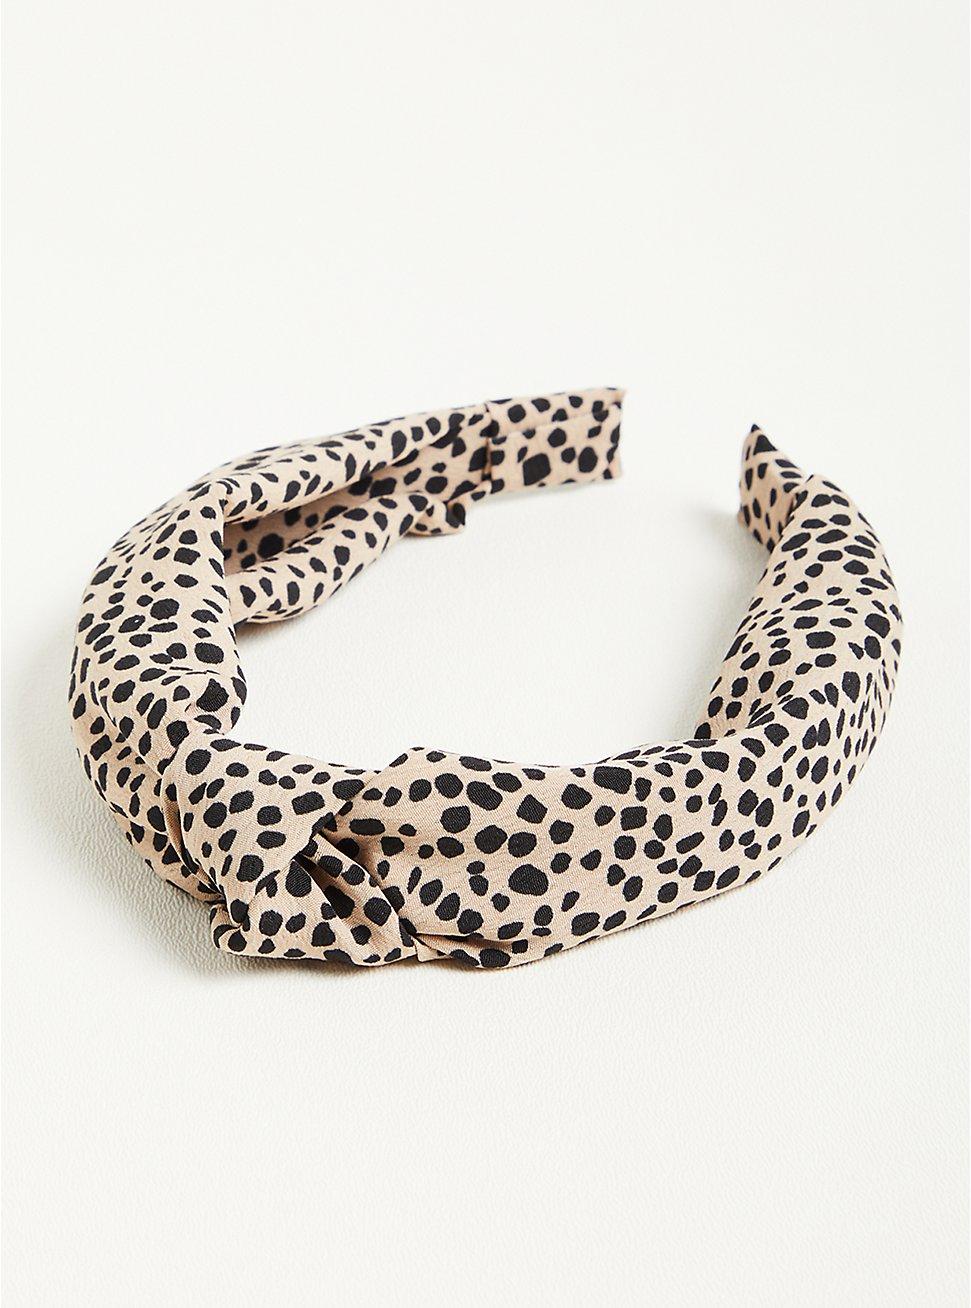 Knot Headband - Leopard, , hi-res